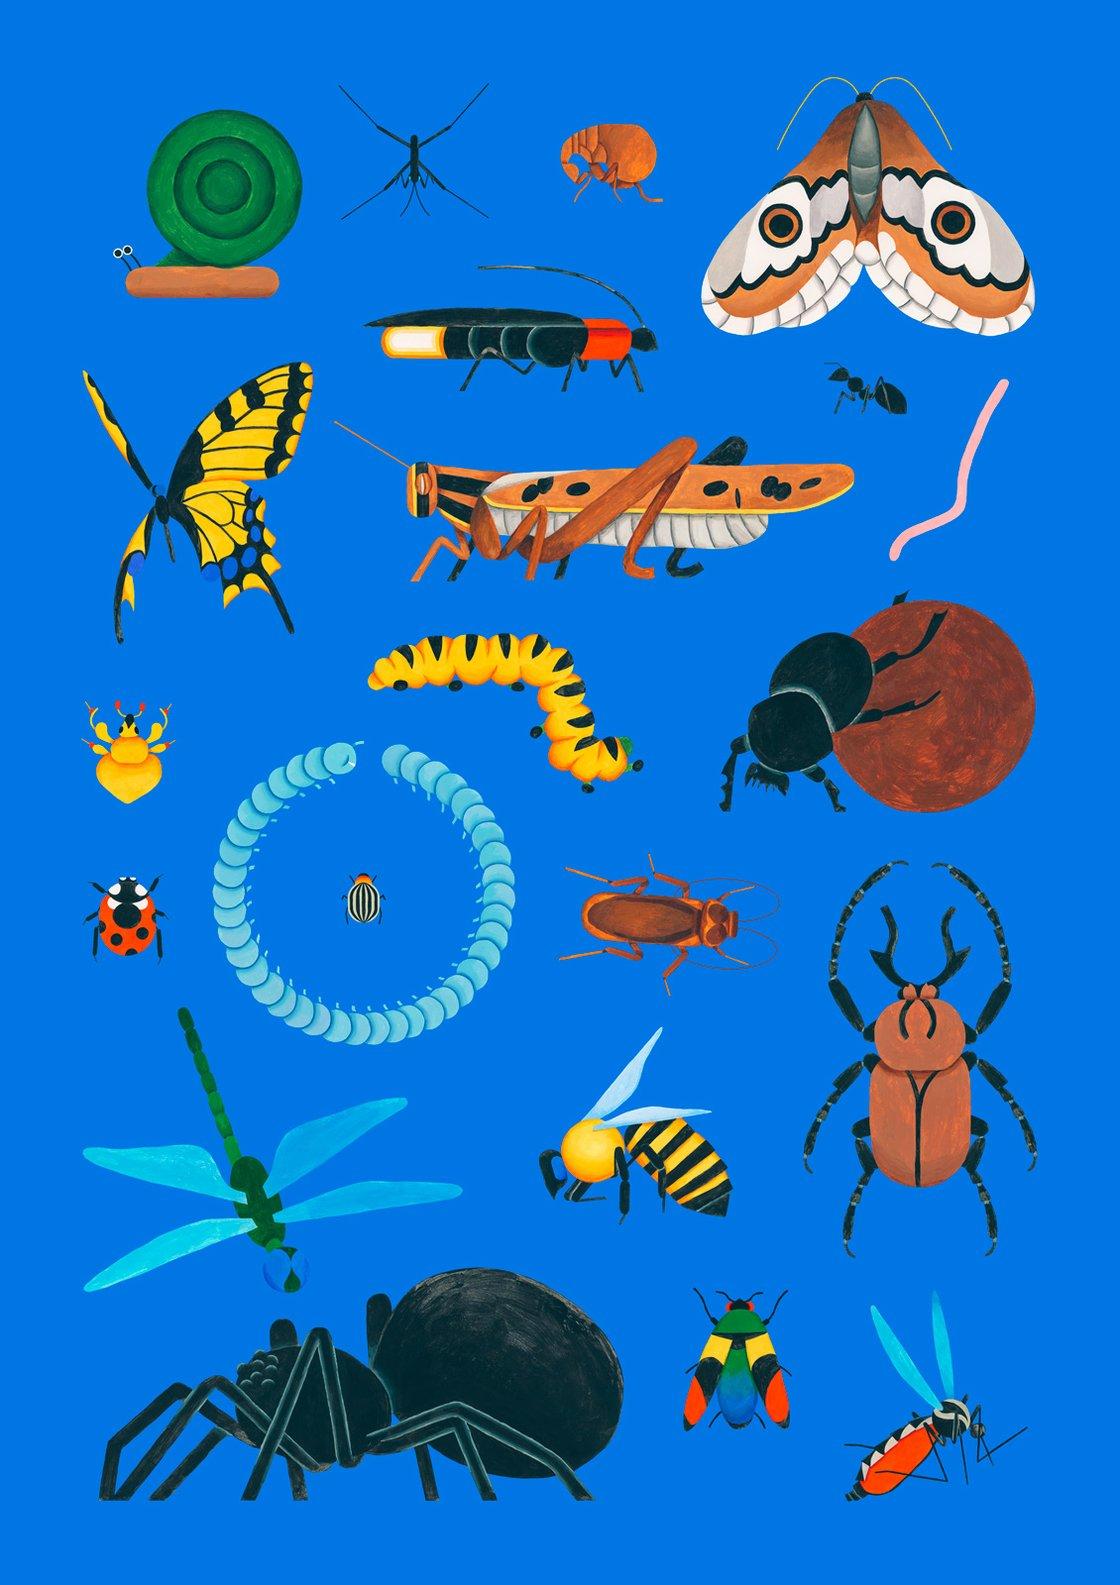 Image of Bugs